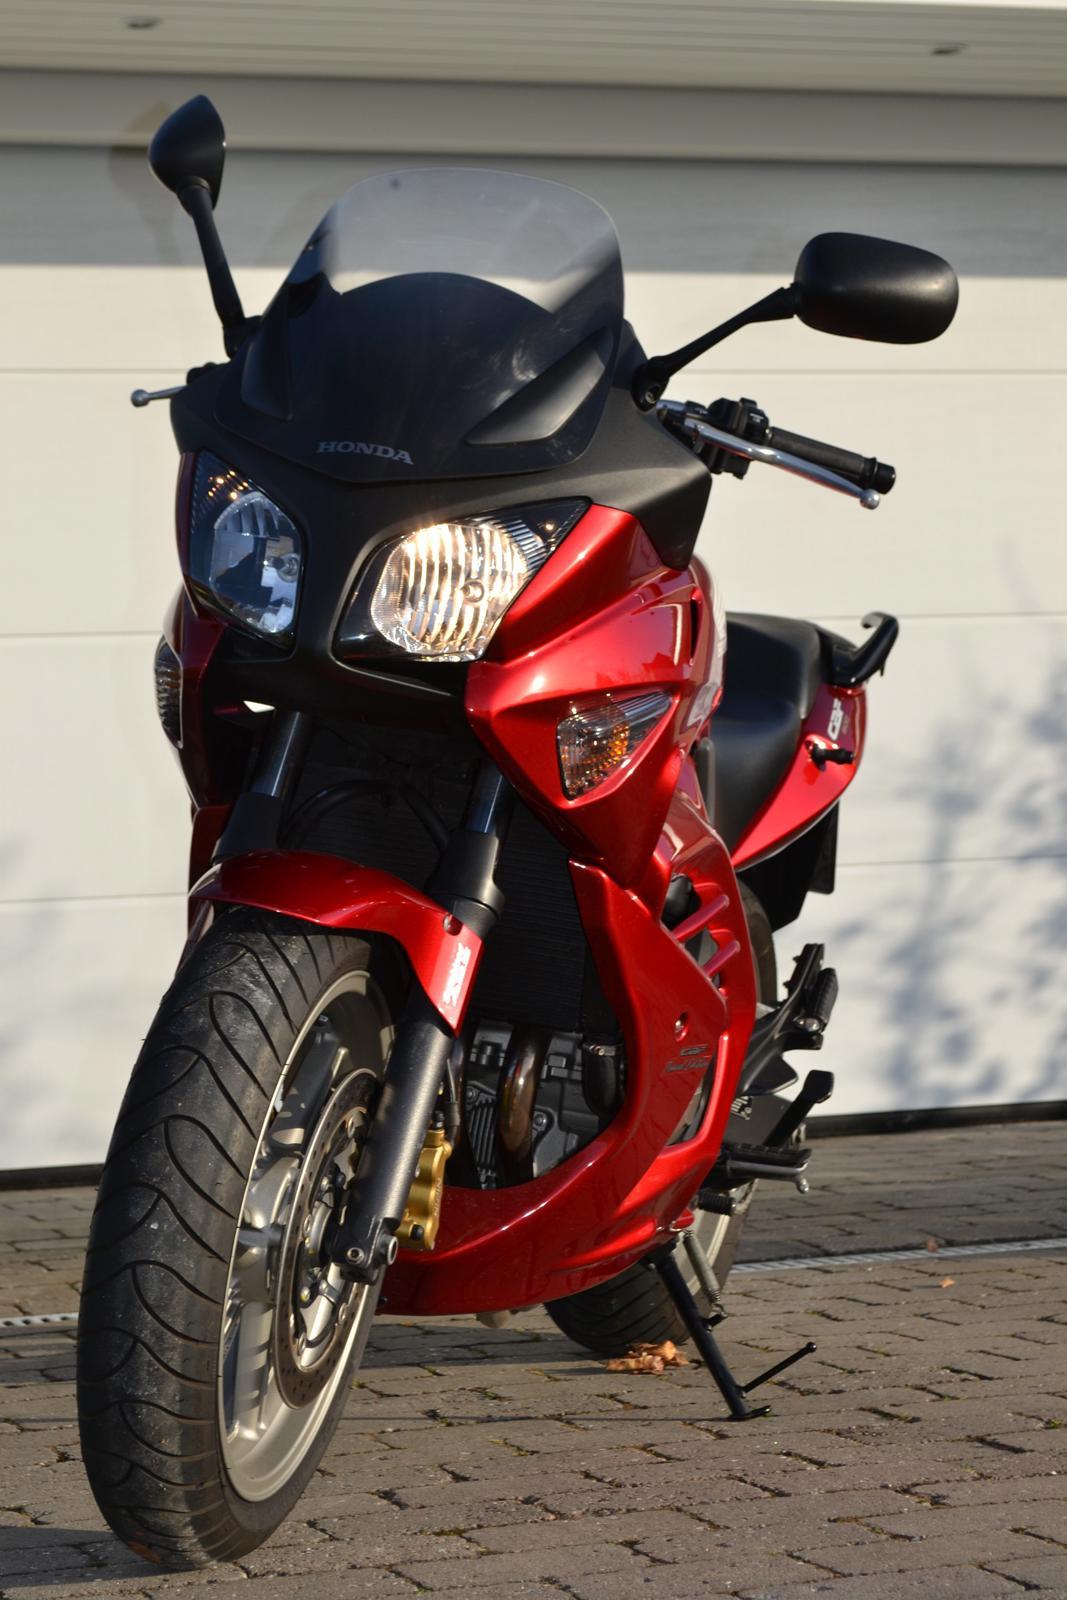 Honda CBF 600 SA - Billeder af mc-er - Uploaded af Lars B